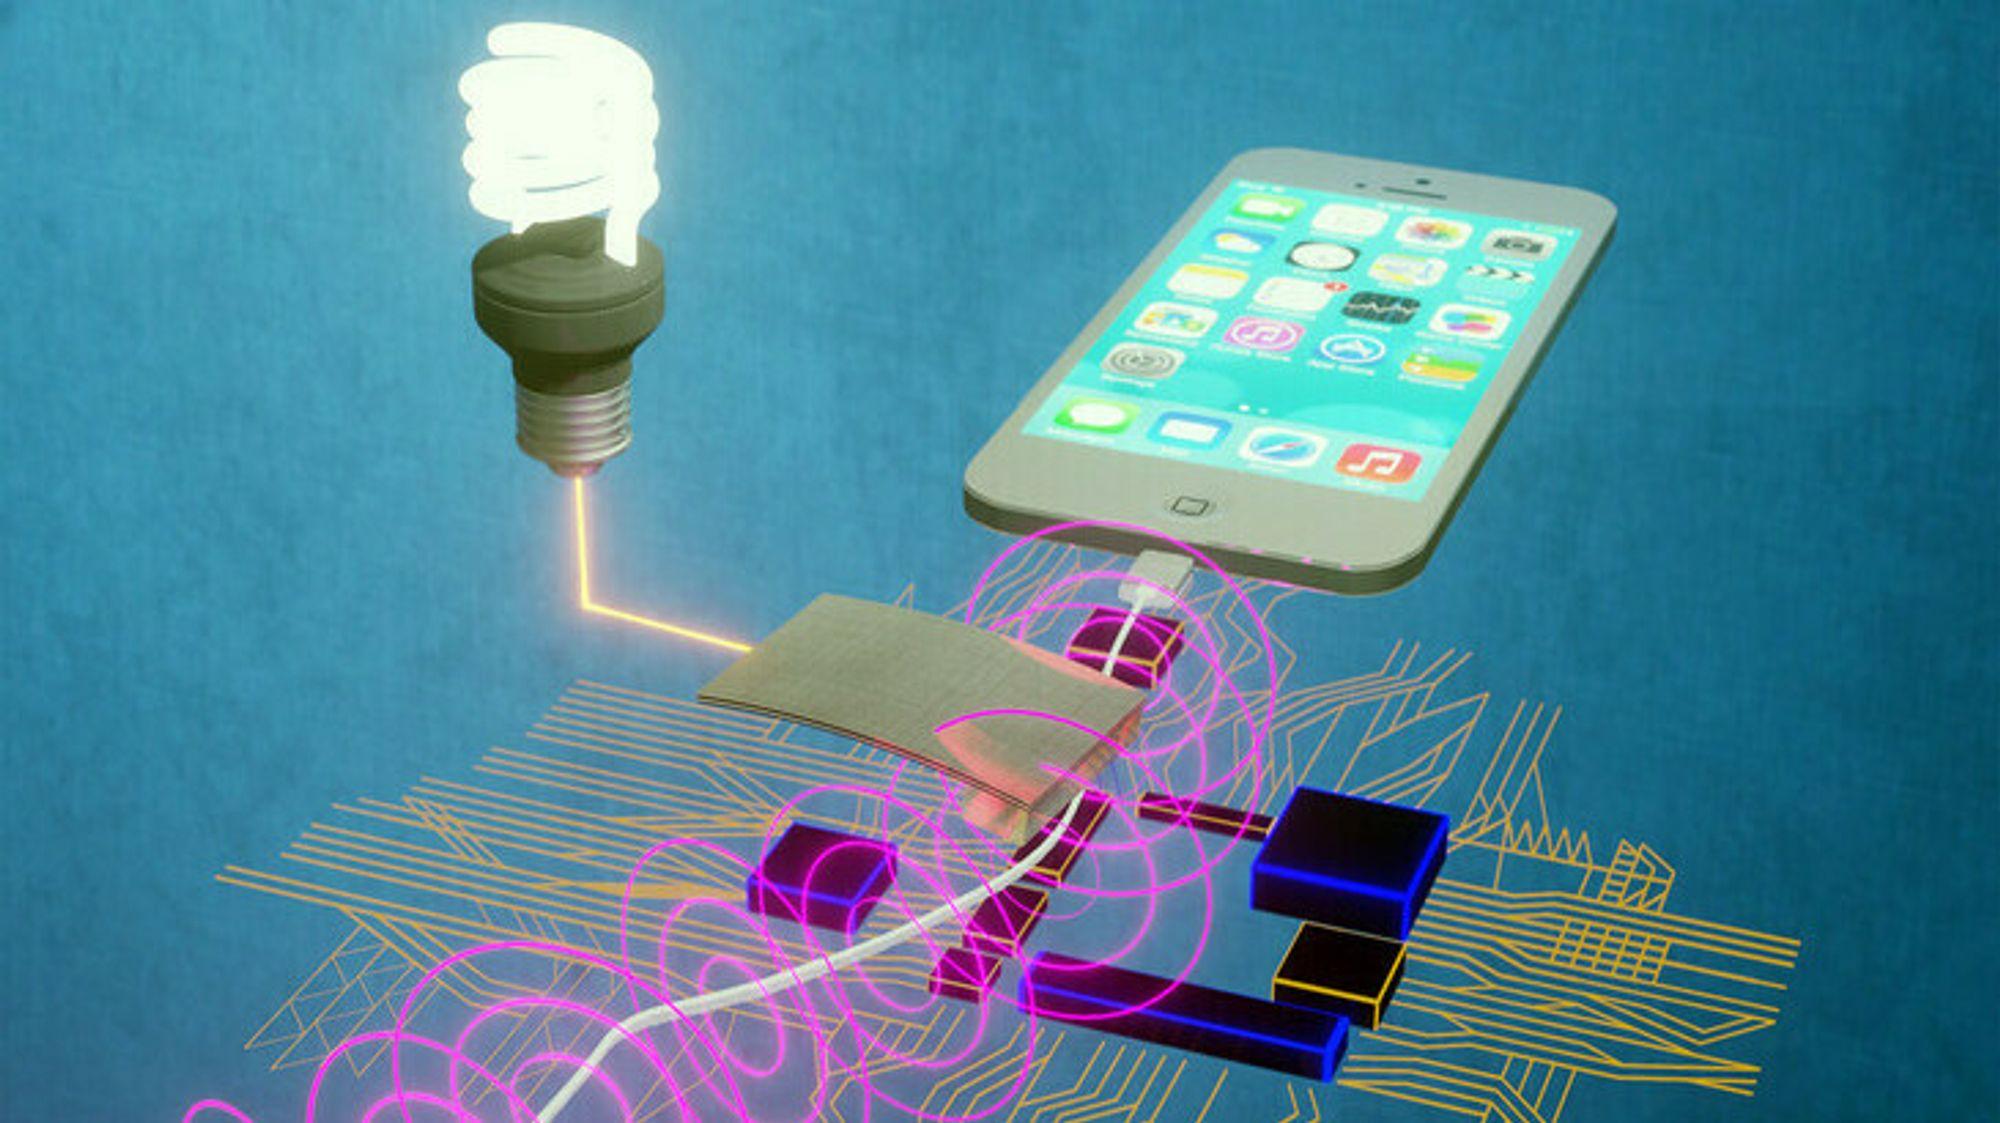 Stripen kan plasseres på eller i nærheten av elektriske apparater, for eksempel lamper eller kabler. Testene har vist lovende resultater.